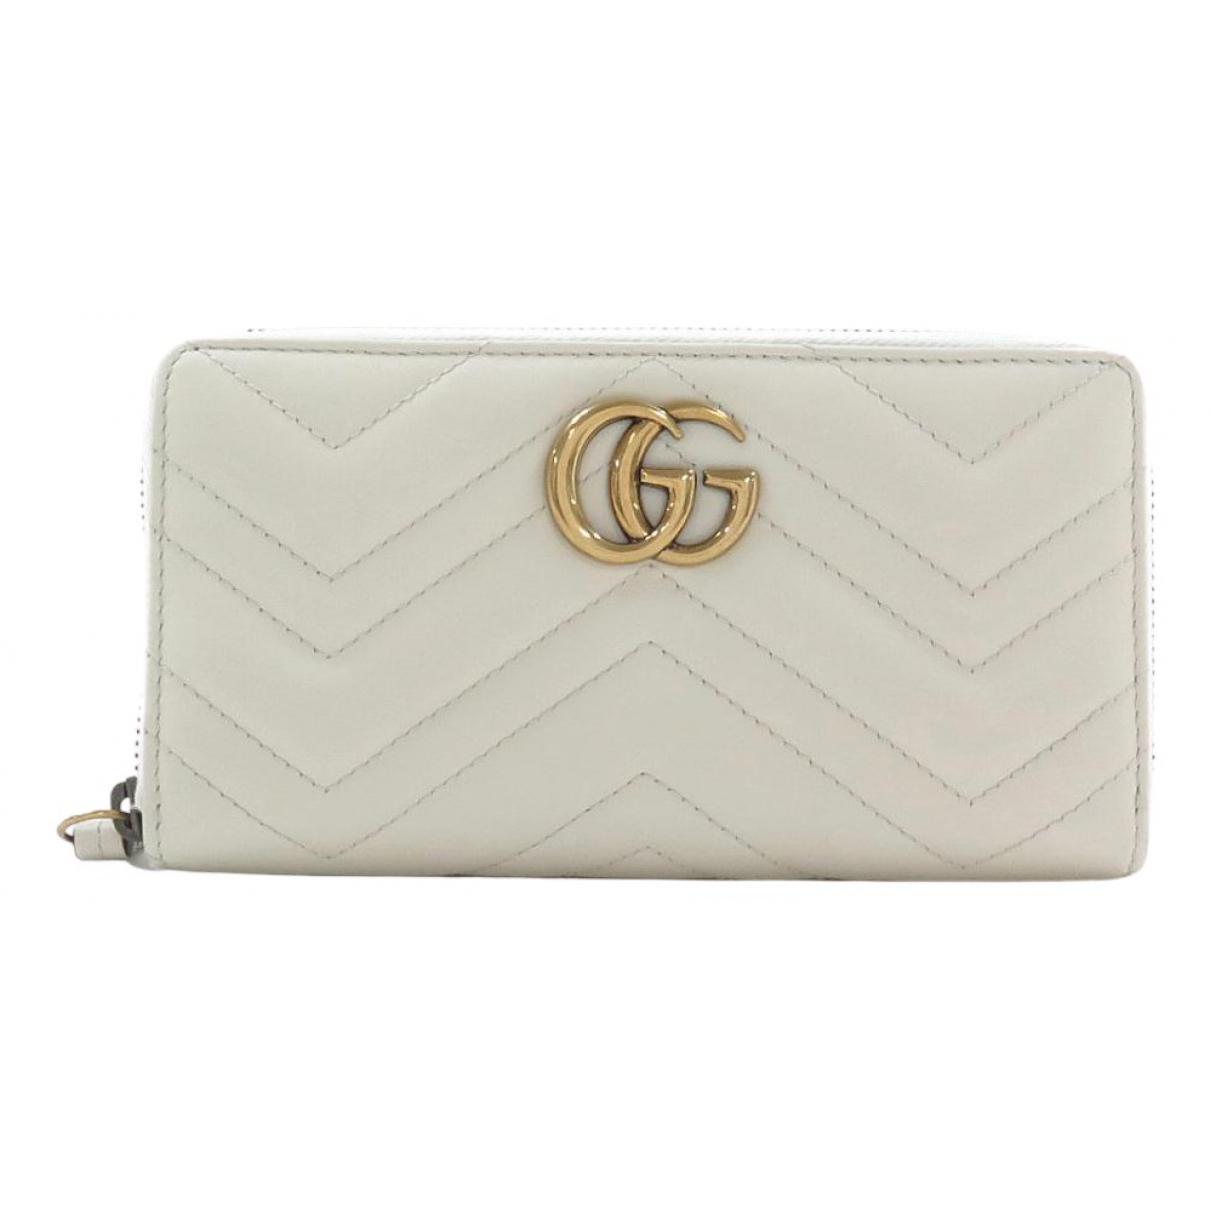 Gucci - Portefeuille Marmont pour femme en cuir - blanc